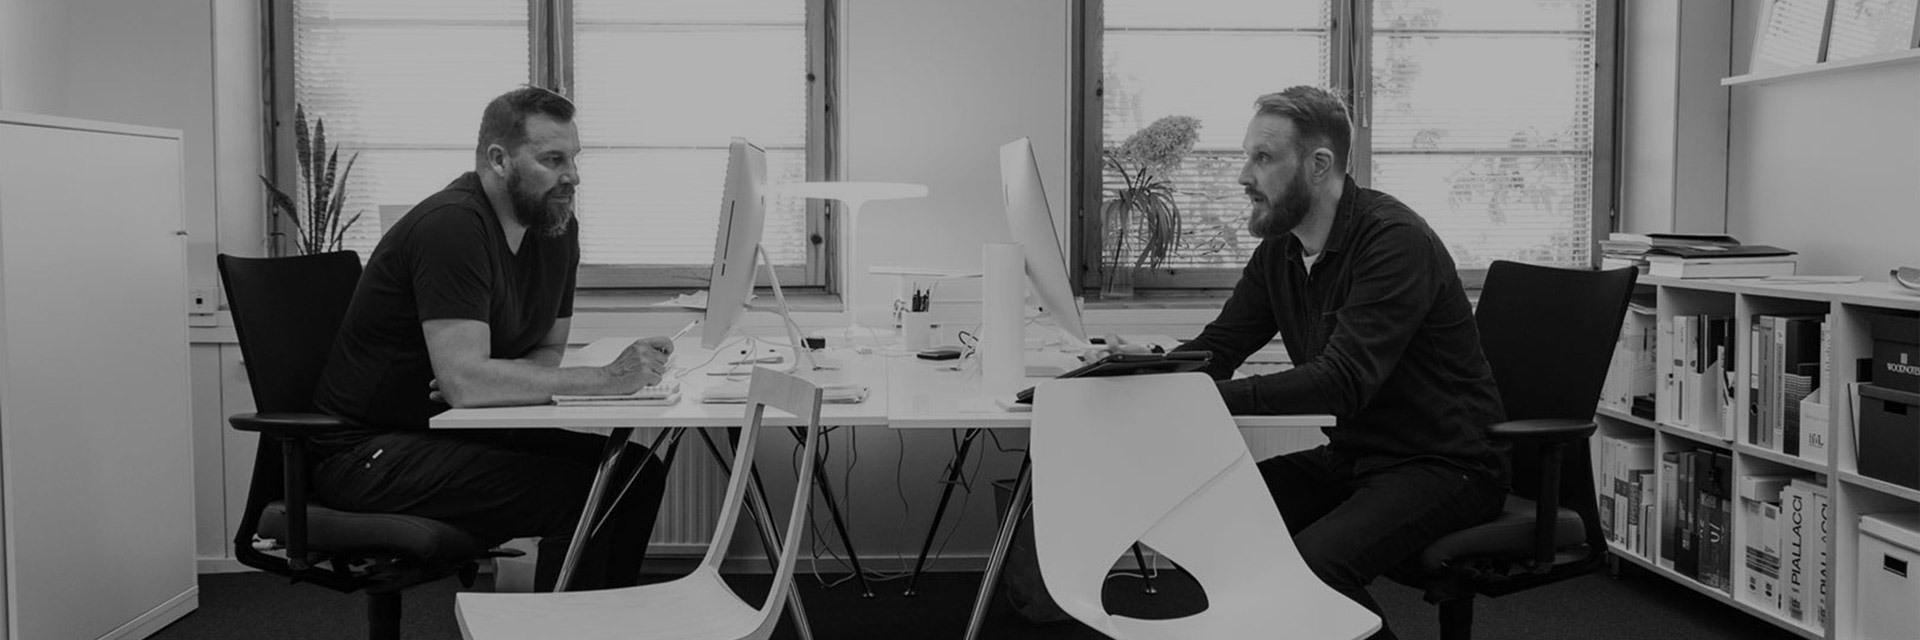 由芬兰著名全能型设计师、建筑师Tapio Anttila和设计界几何家Jonas Hakaniemi组成的多学科设计组合。毕业于赫尔辛基艺术设计大学的Tapio ,涉足于室内设计、产品设计和工业设计三大领域,与众多国际知名家具品牌合作,并荣获10次Good Design Awards,2次Green Good Design Award,2次EcoDesign Award等一系列备受瞩目的国际大奖。芬兰顶尖设计大师Jonas Hakaniemi,拥有20年的设计经验,作品涵盖室内、家具、平面设计等领域,并获得芝加哥建筑设计博物馆最佳设计奖,Red Dot在内的一系列国际重量级设计大奖。